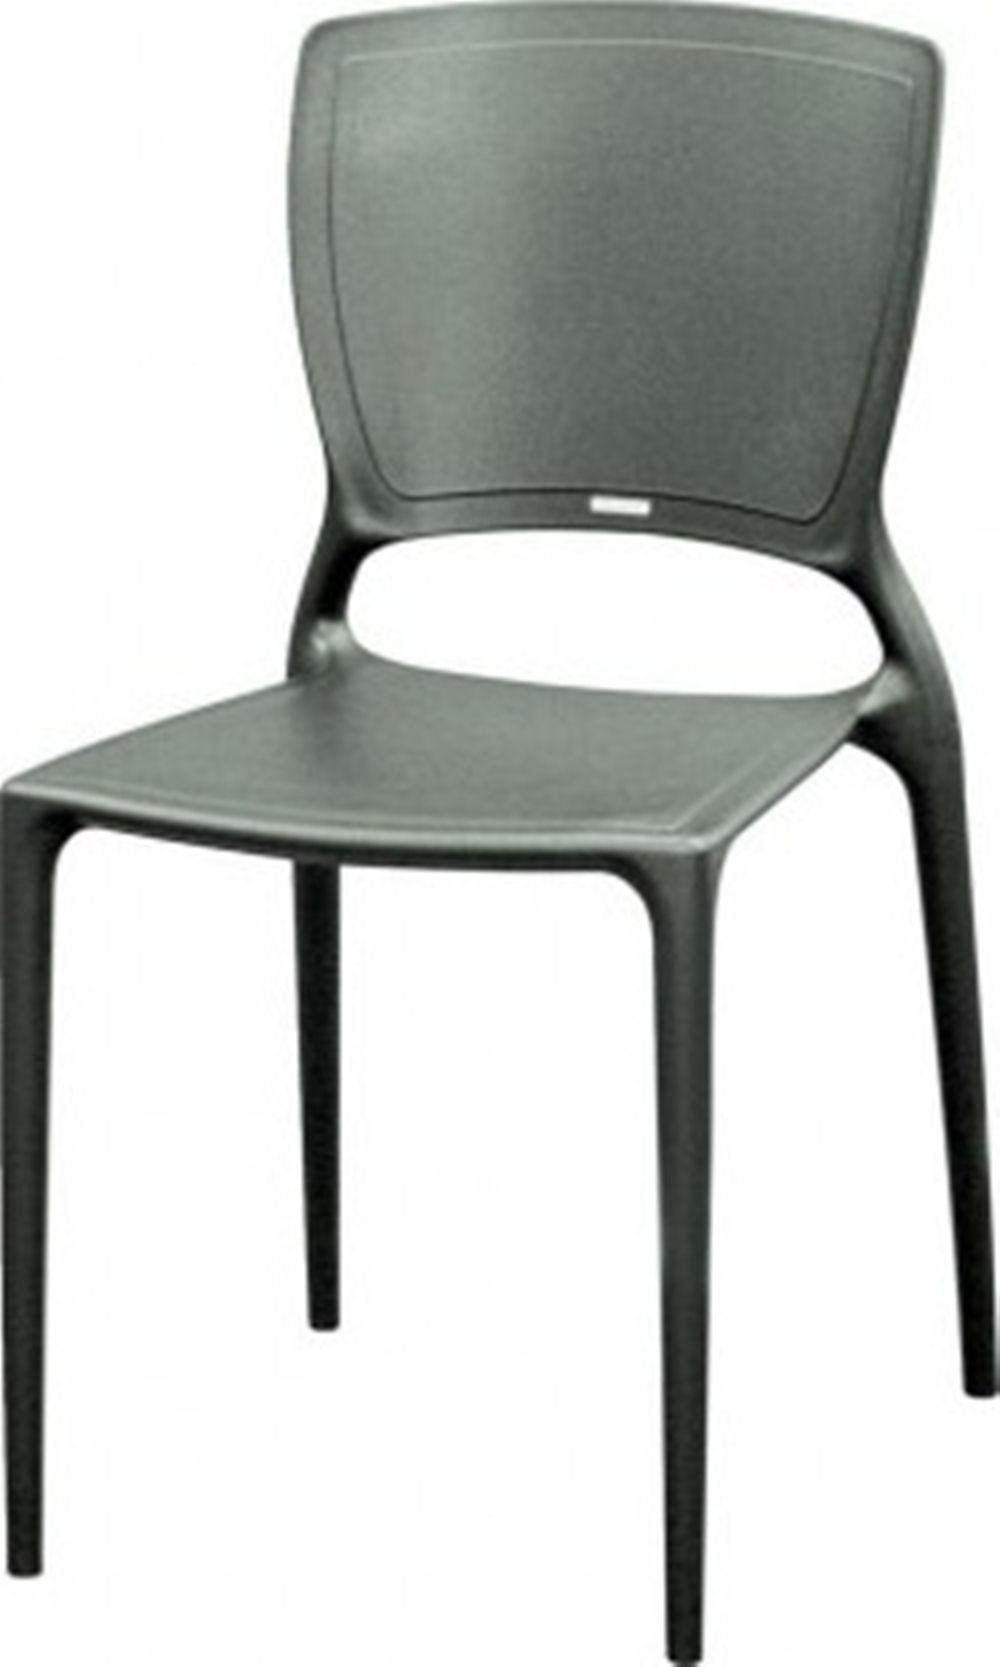 Cadeira Sofia Encosto Fechado Polipropileno Grafite - 20039